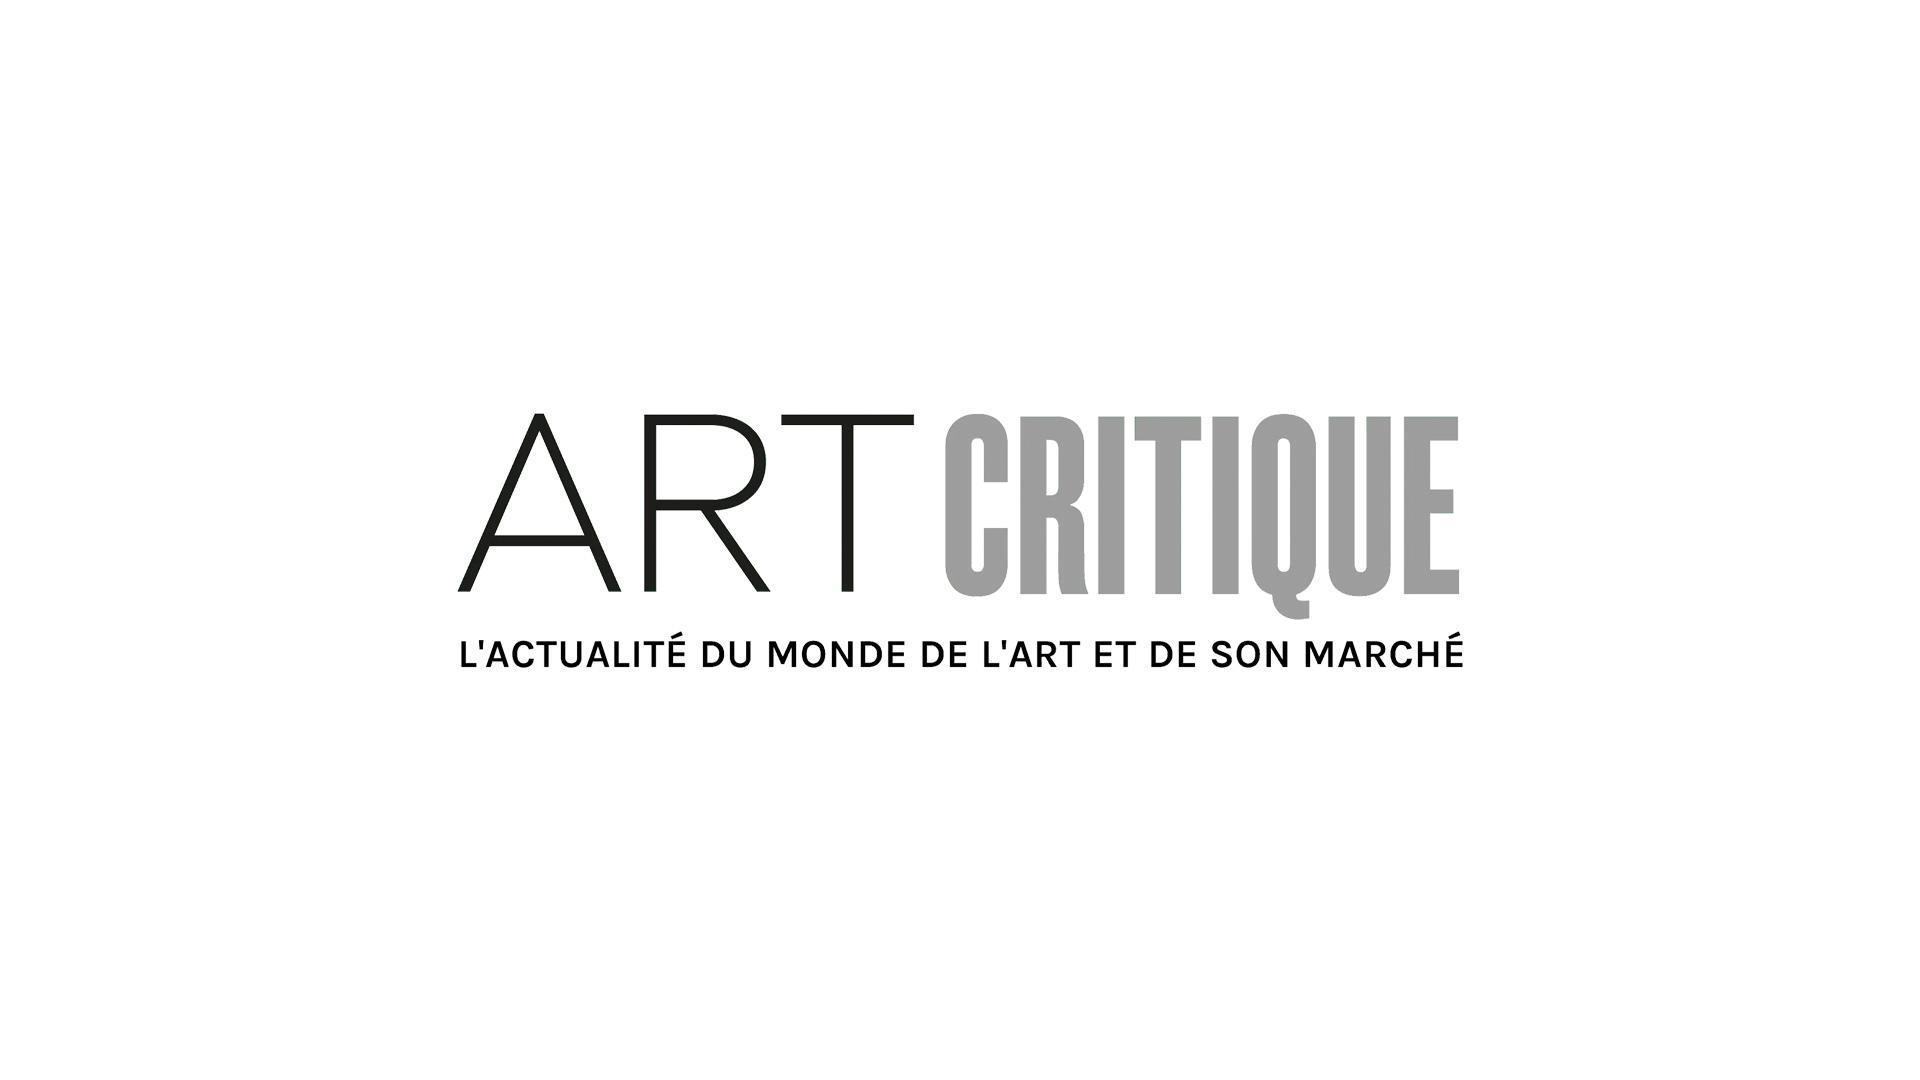 La Collection Thannhauser prend ses quartiers d'été à Aix-en-Provence